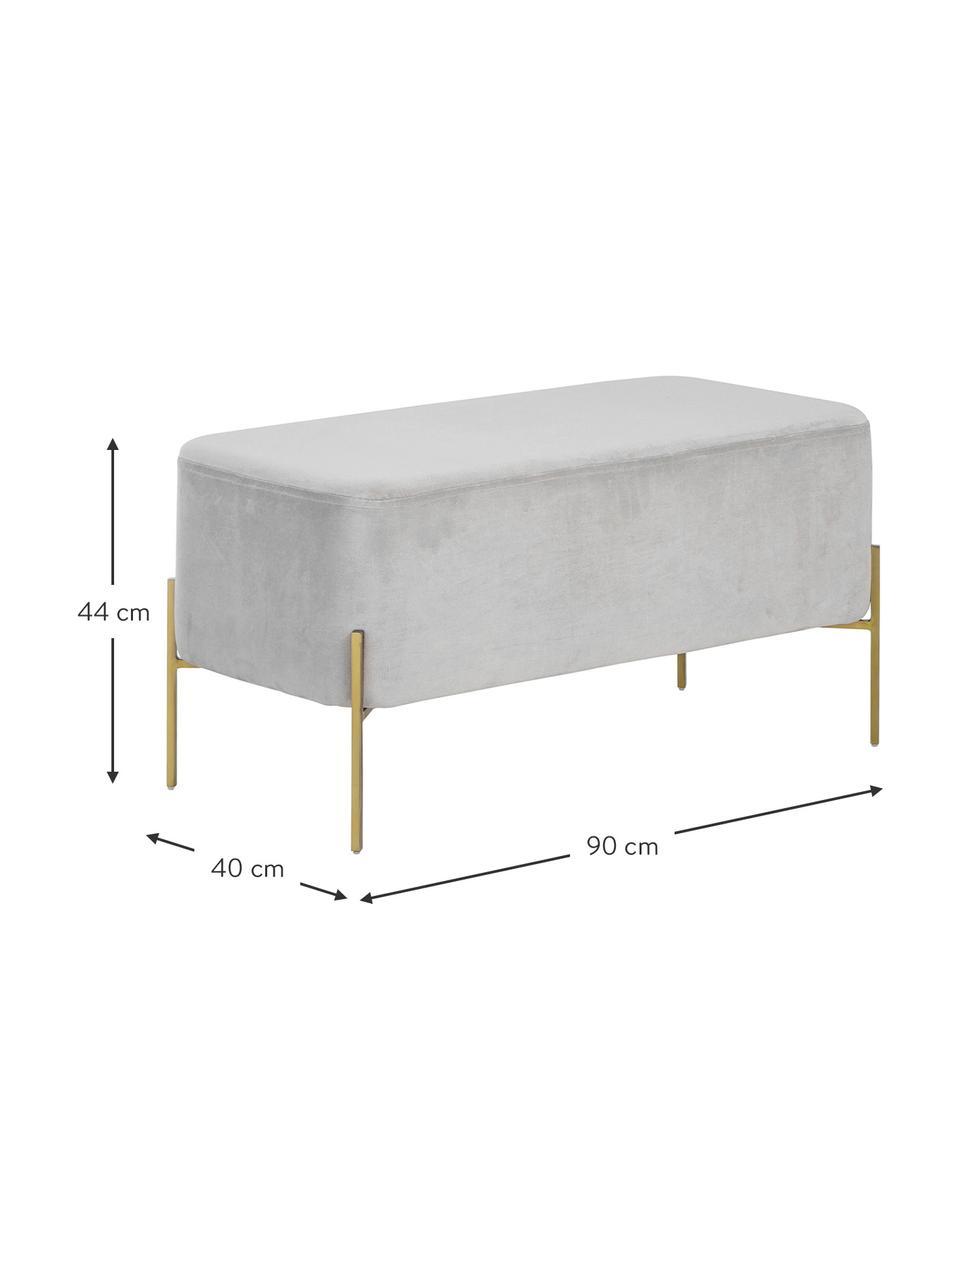 Samt-Polsterbank Harper, Bezug: Baumwollsamt, Fuß: Metall, pulverbeschichtet, Hellgrau, Goldfarben, 90 x 44 cm